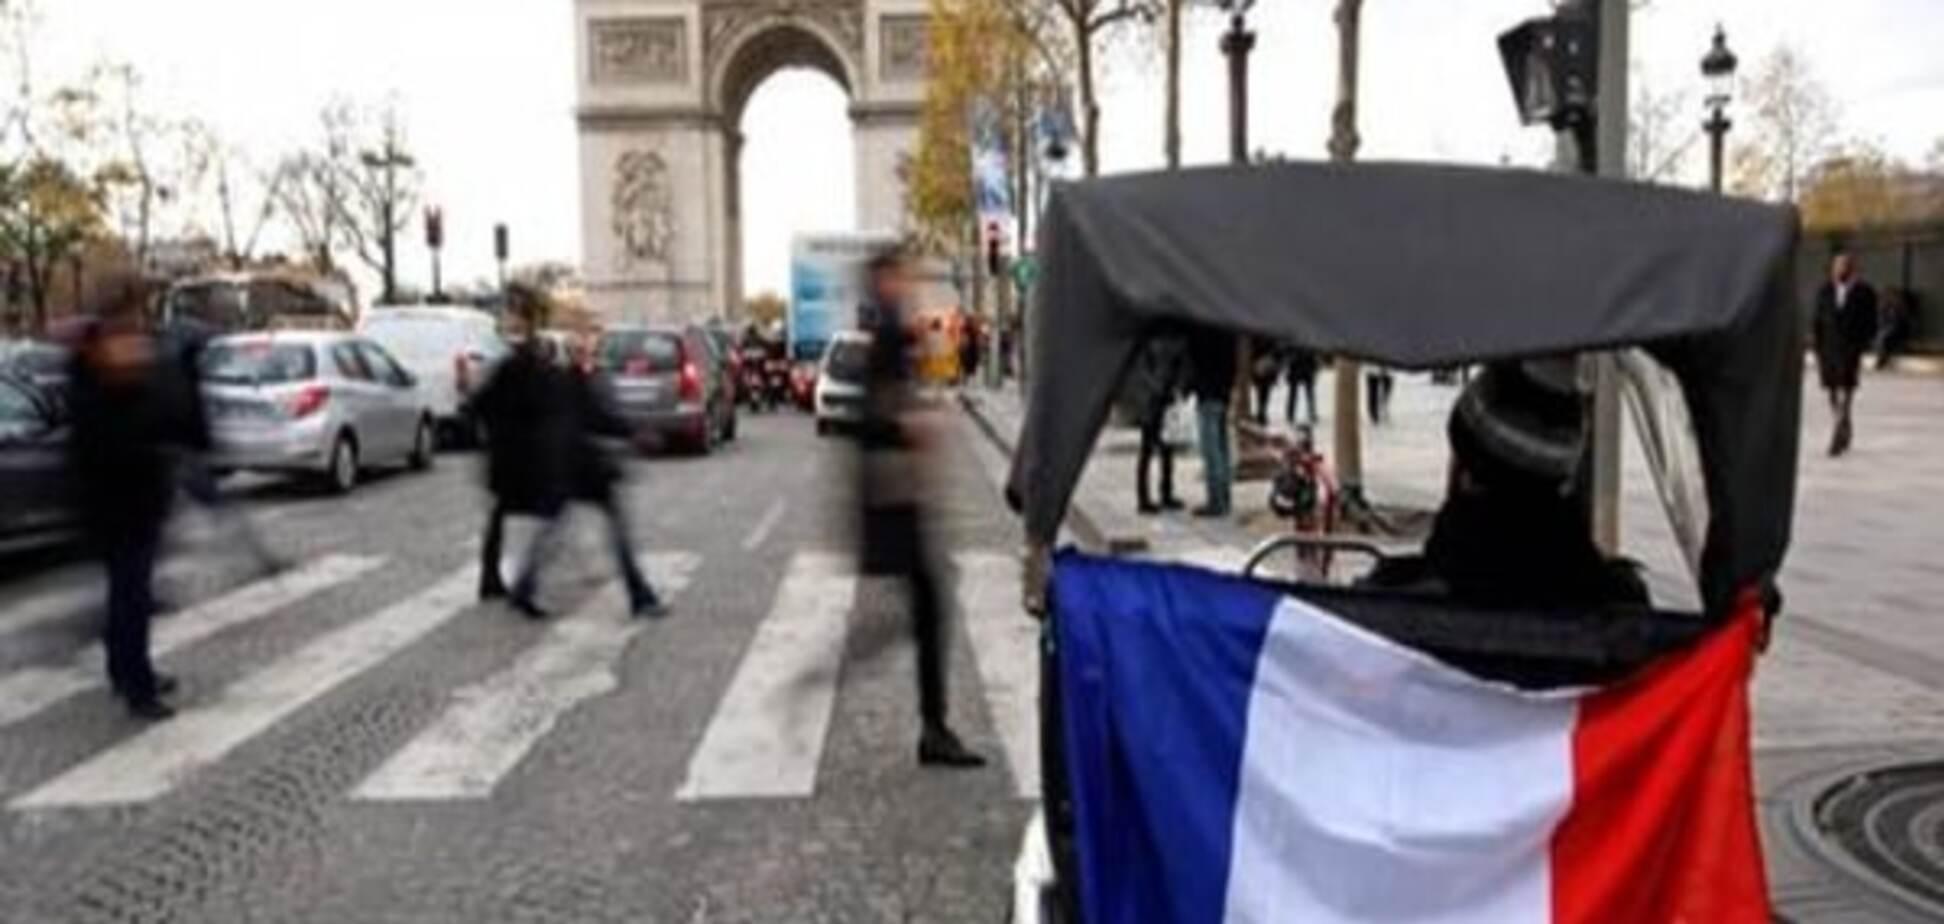 Поліція на два тижні заборонила протести на Єлисейських Полях та в Ле Бурже